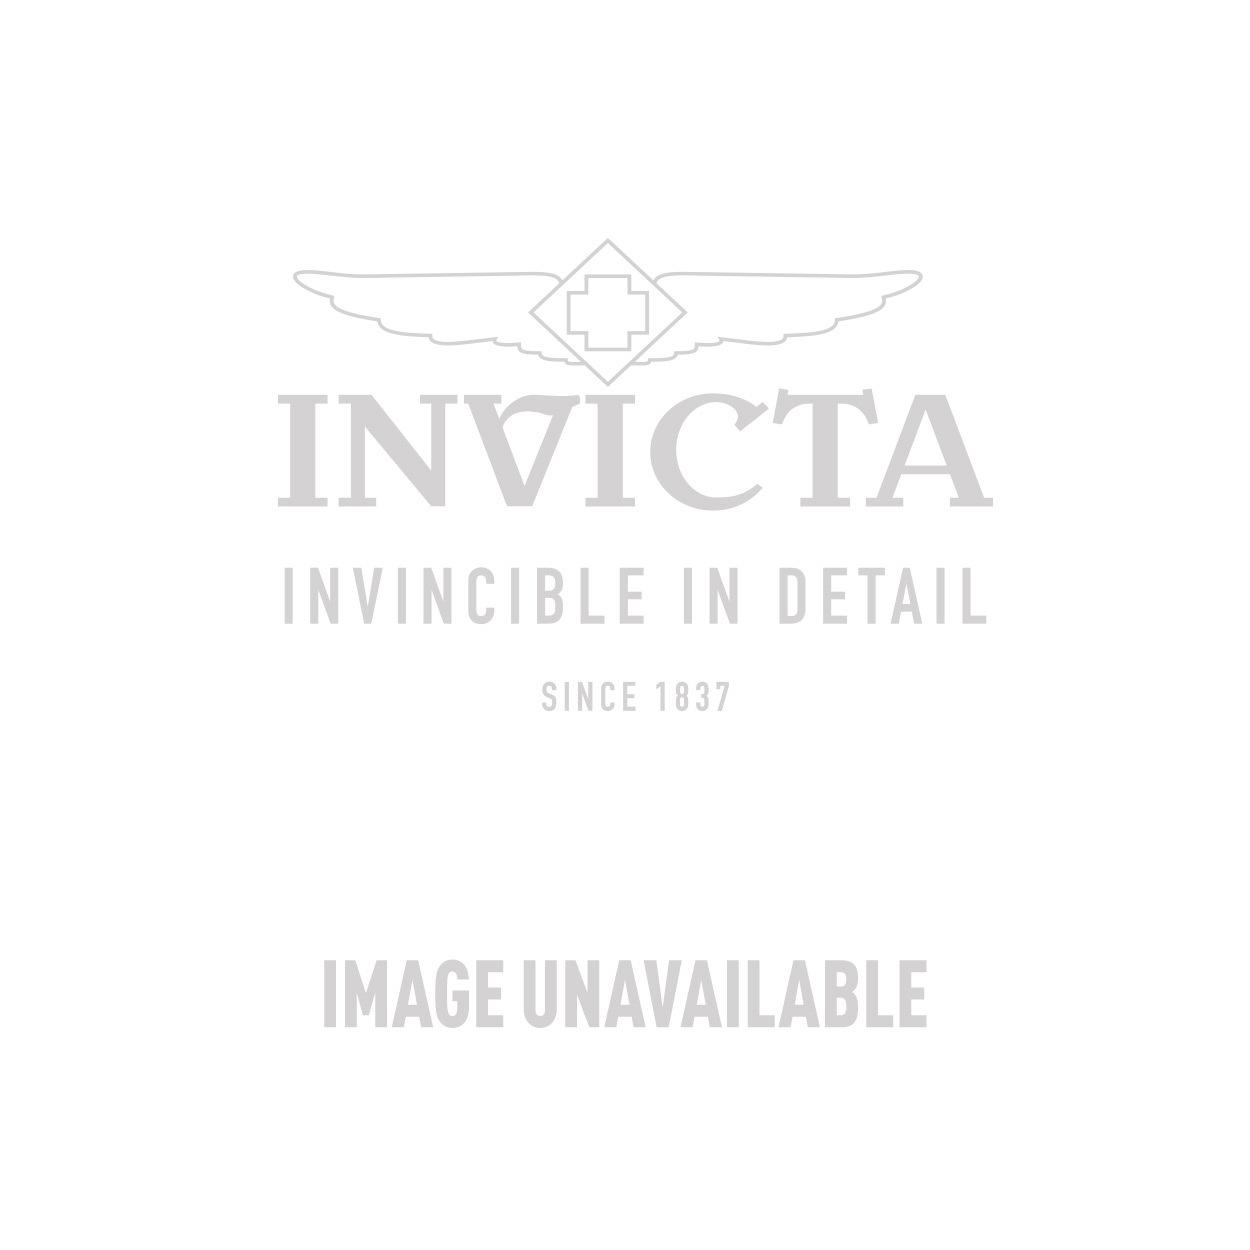 Invicta Model 27408